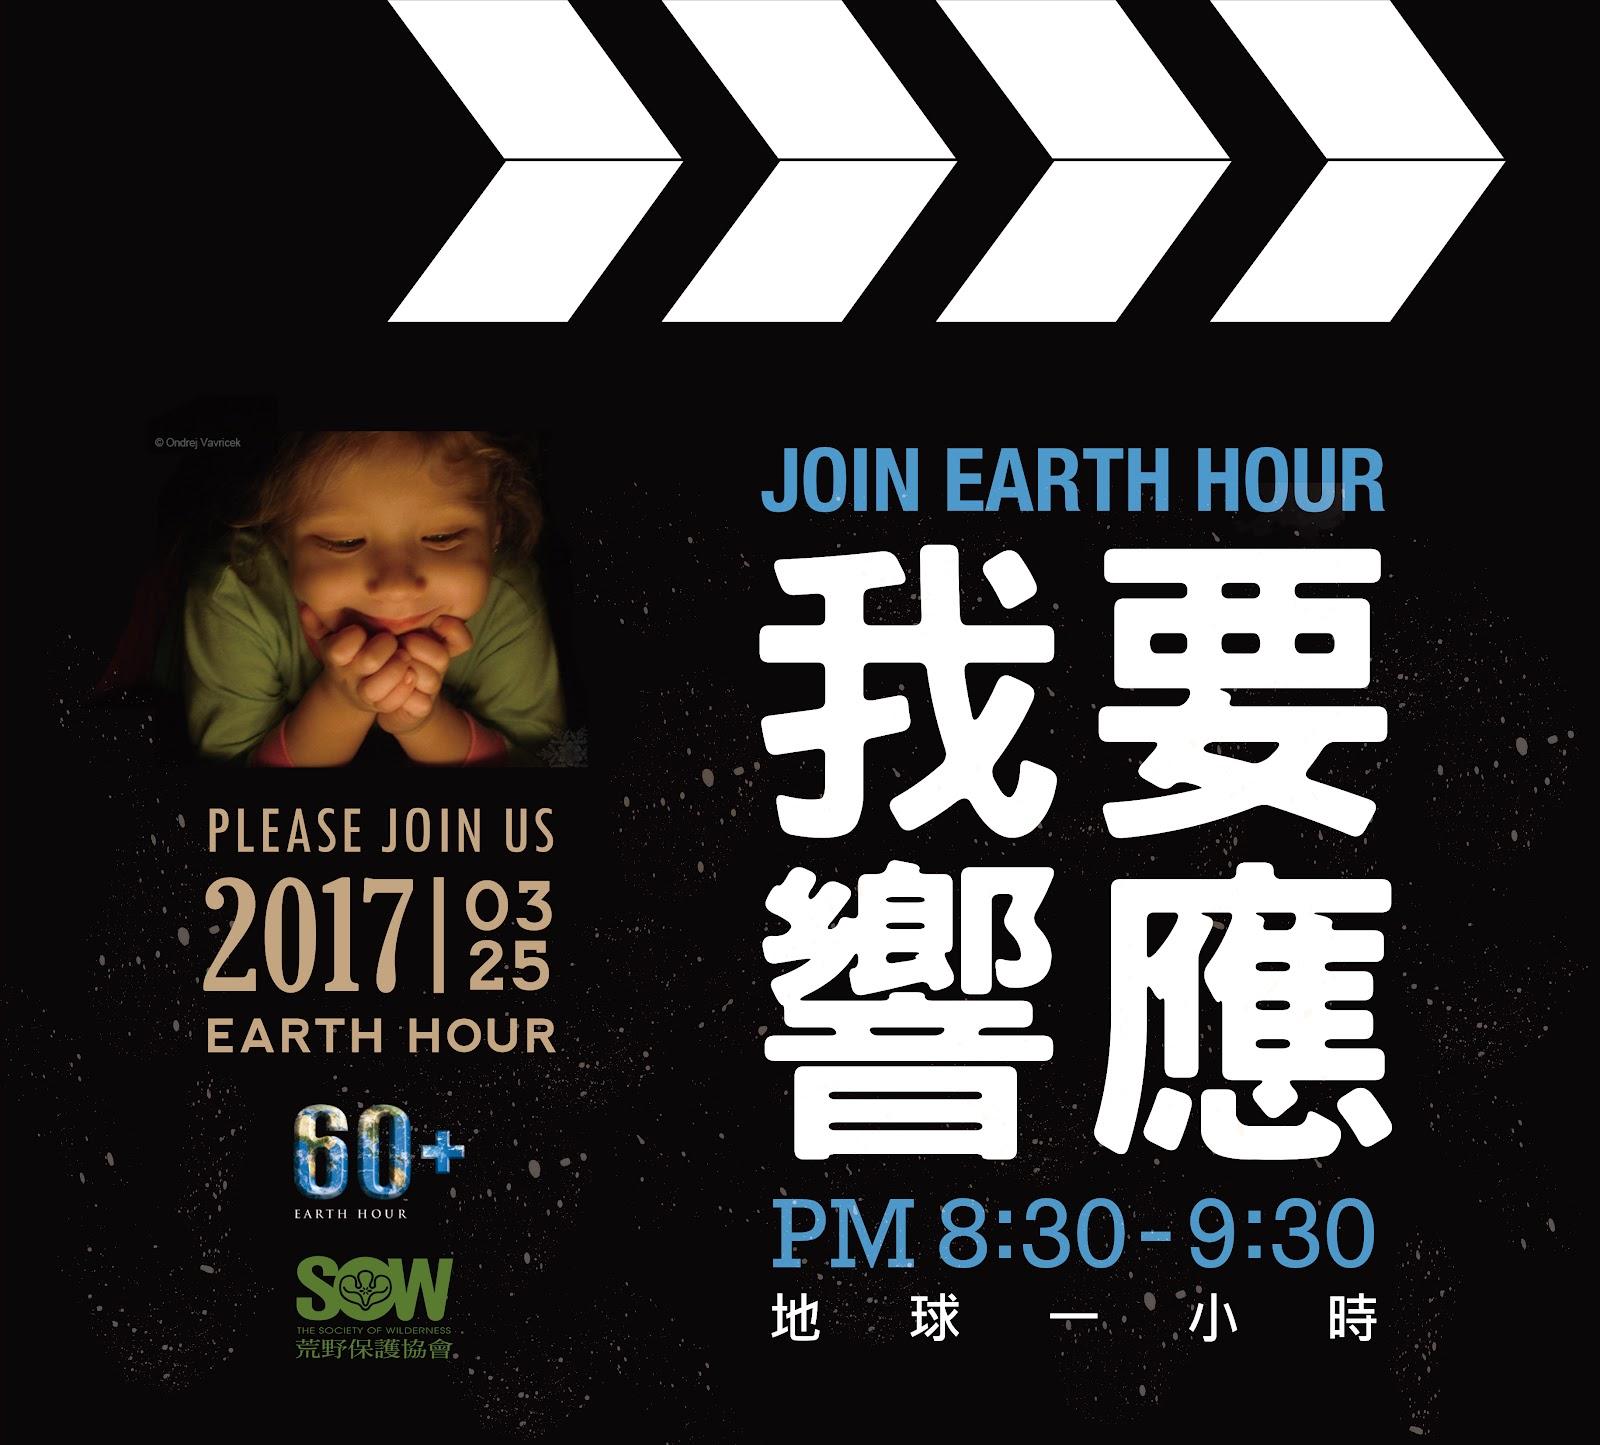 參與響應的個人、團體、機構、企業,歡迎使用Earth Hour Taiwan響應圖示,讓朋友看見你的行動,邀請更多人一同加入。請注意,此圖示僅可使用於「非商業」用途,不得用於營利商品及服務販售之宣傳與製作。 圖示下載:https://goo.gl/knOzXh